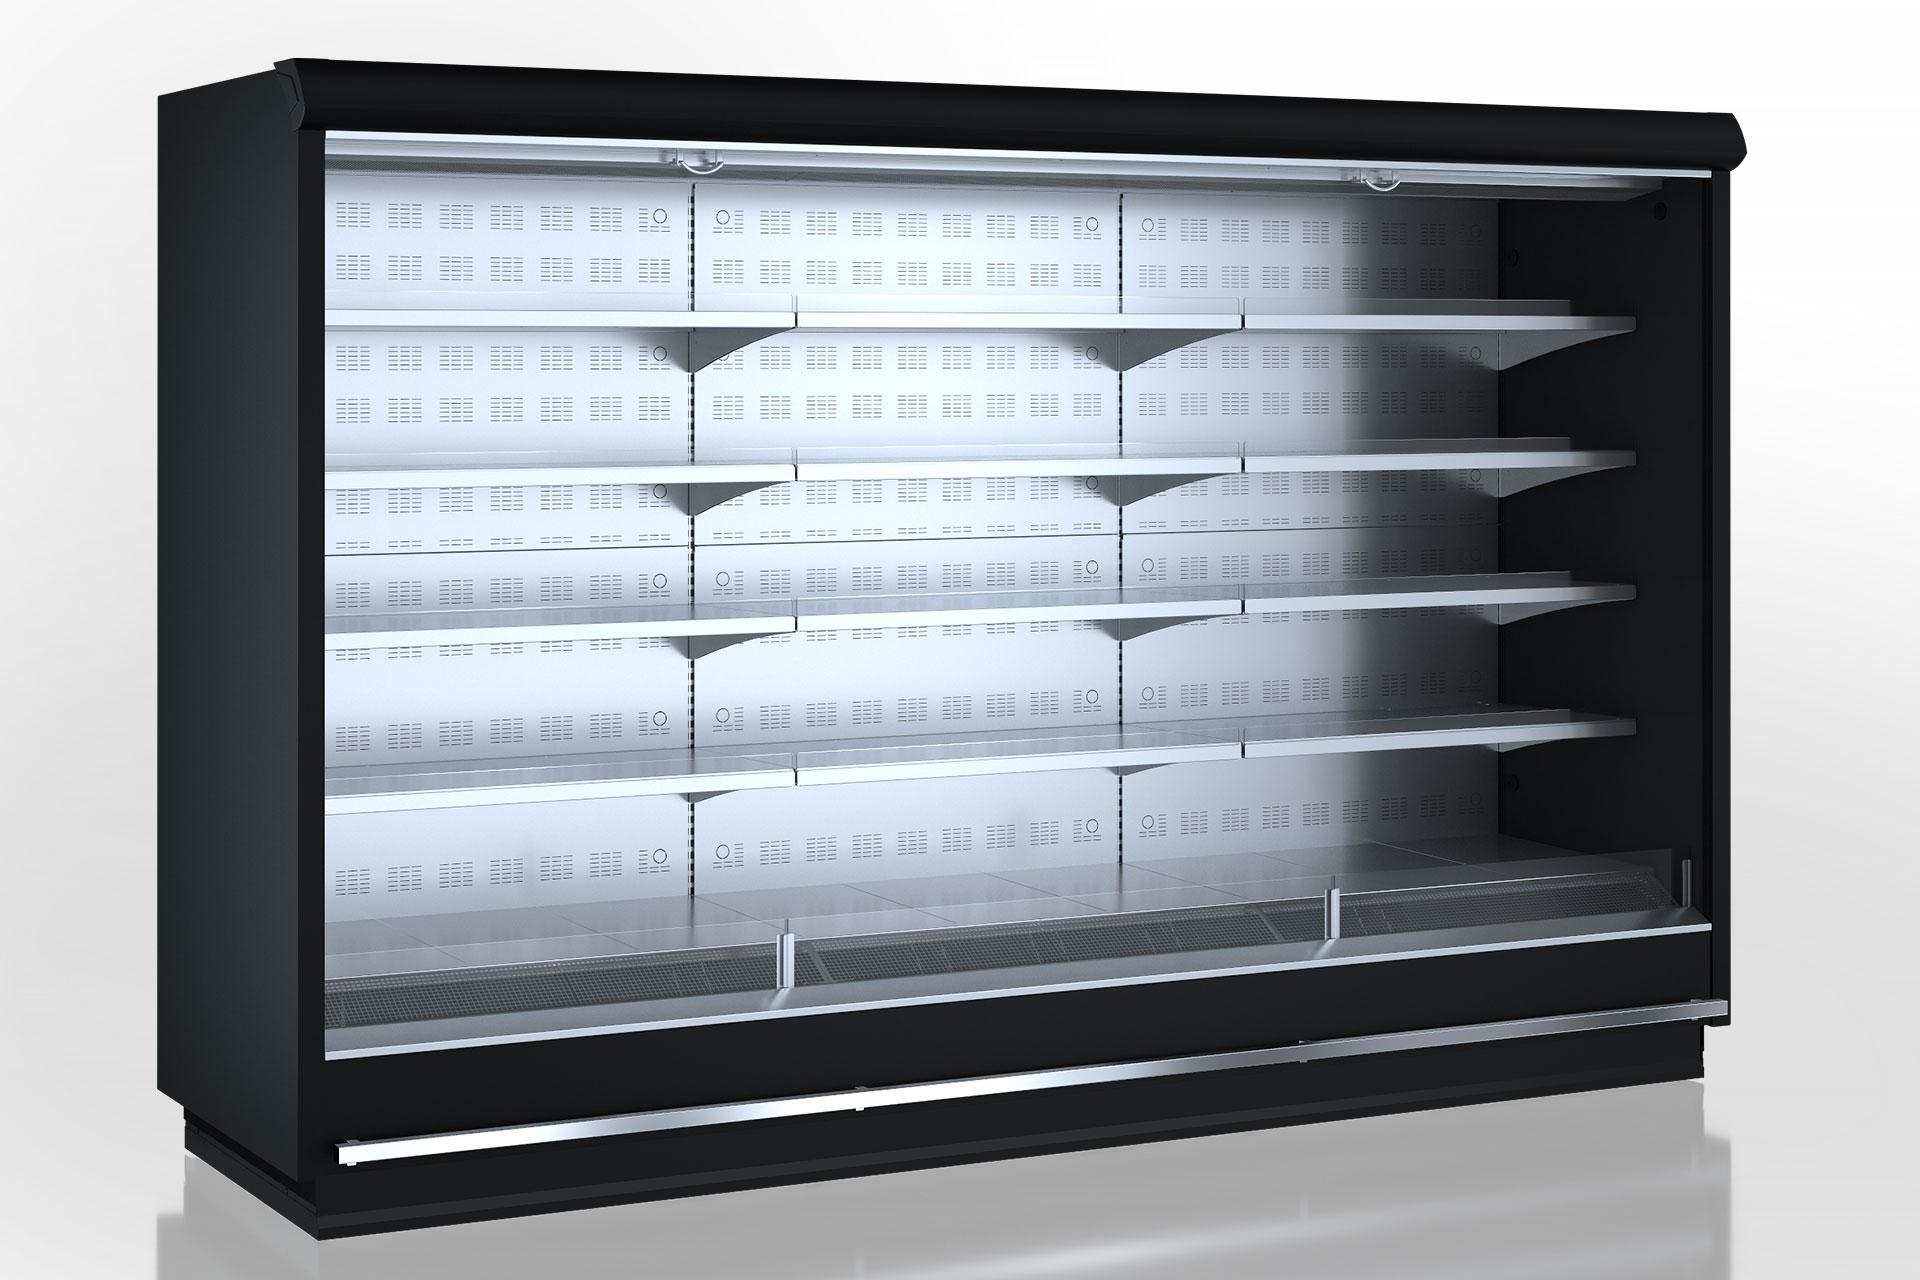 Multideck cabinet Indiana tandem MV 090 MT O 210/225-DLM